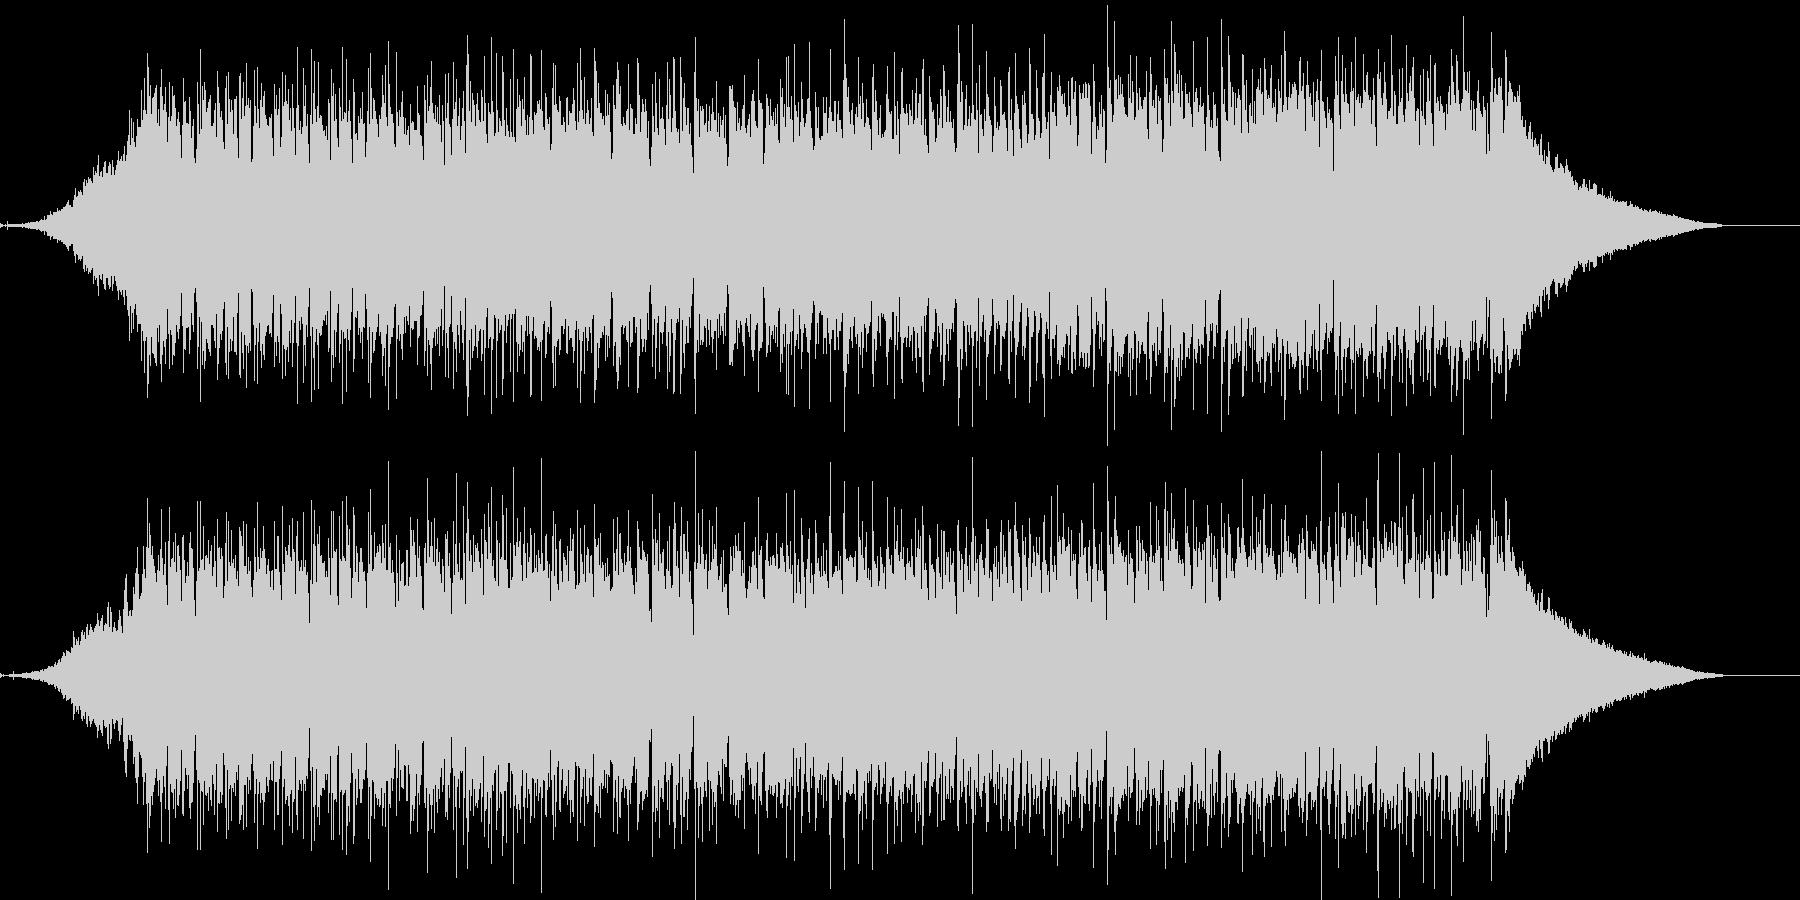 ラテンポップ!サンバなど明るいノリの曲。の未再生の波形